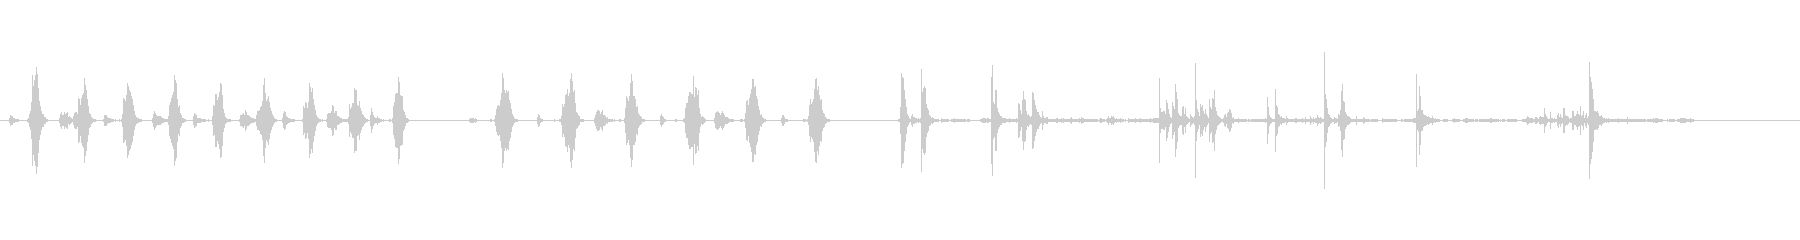 空手空手運動運動の未再生の波形